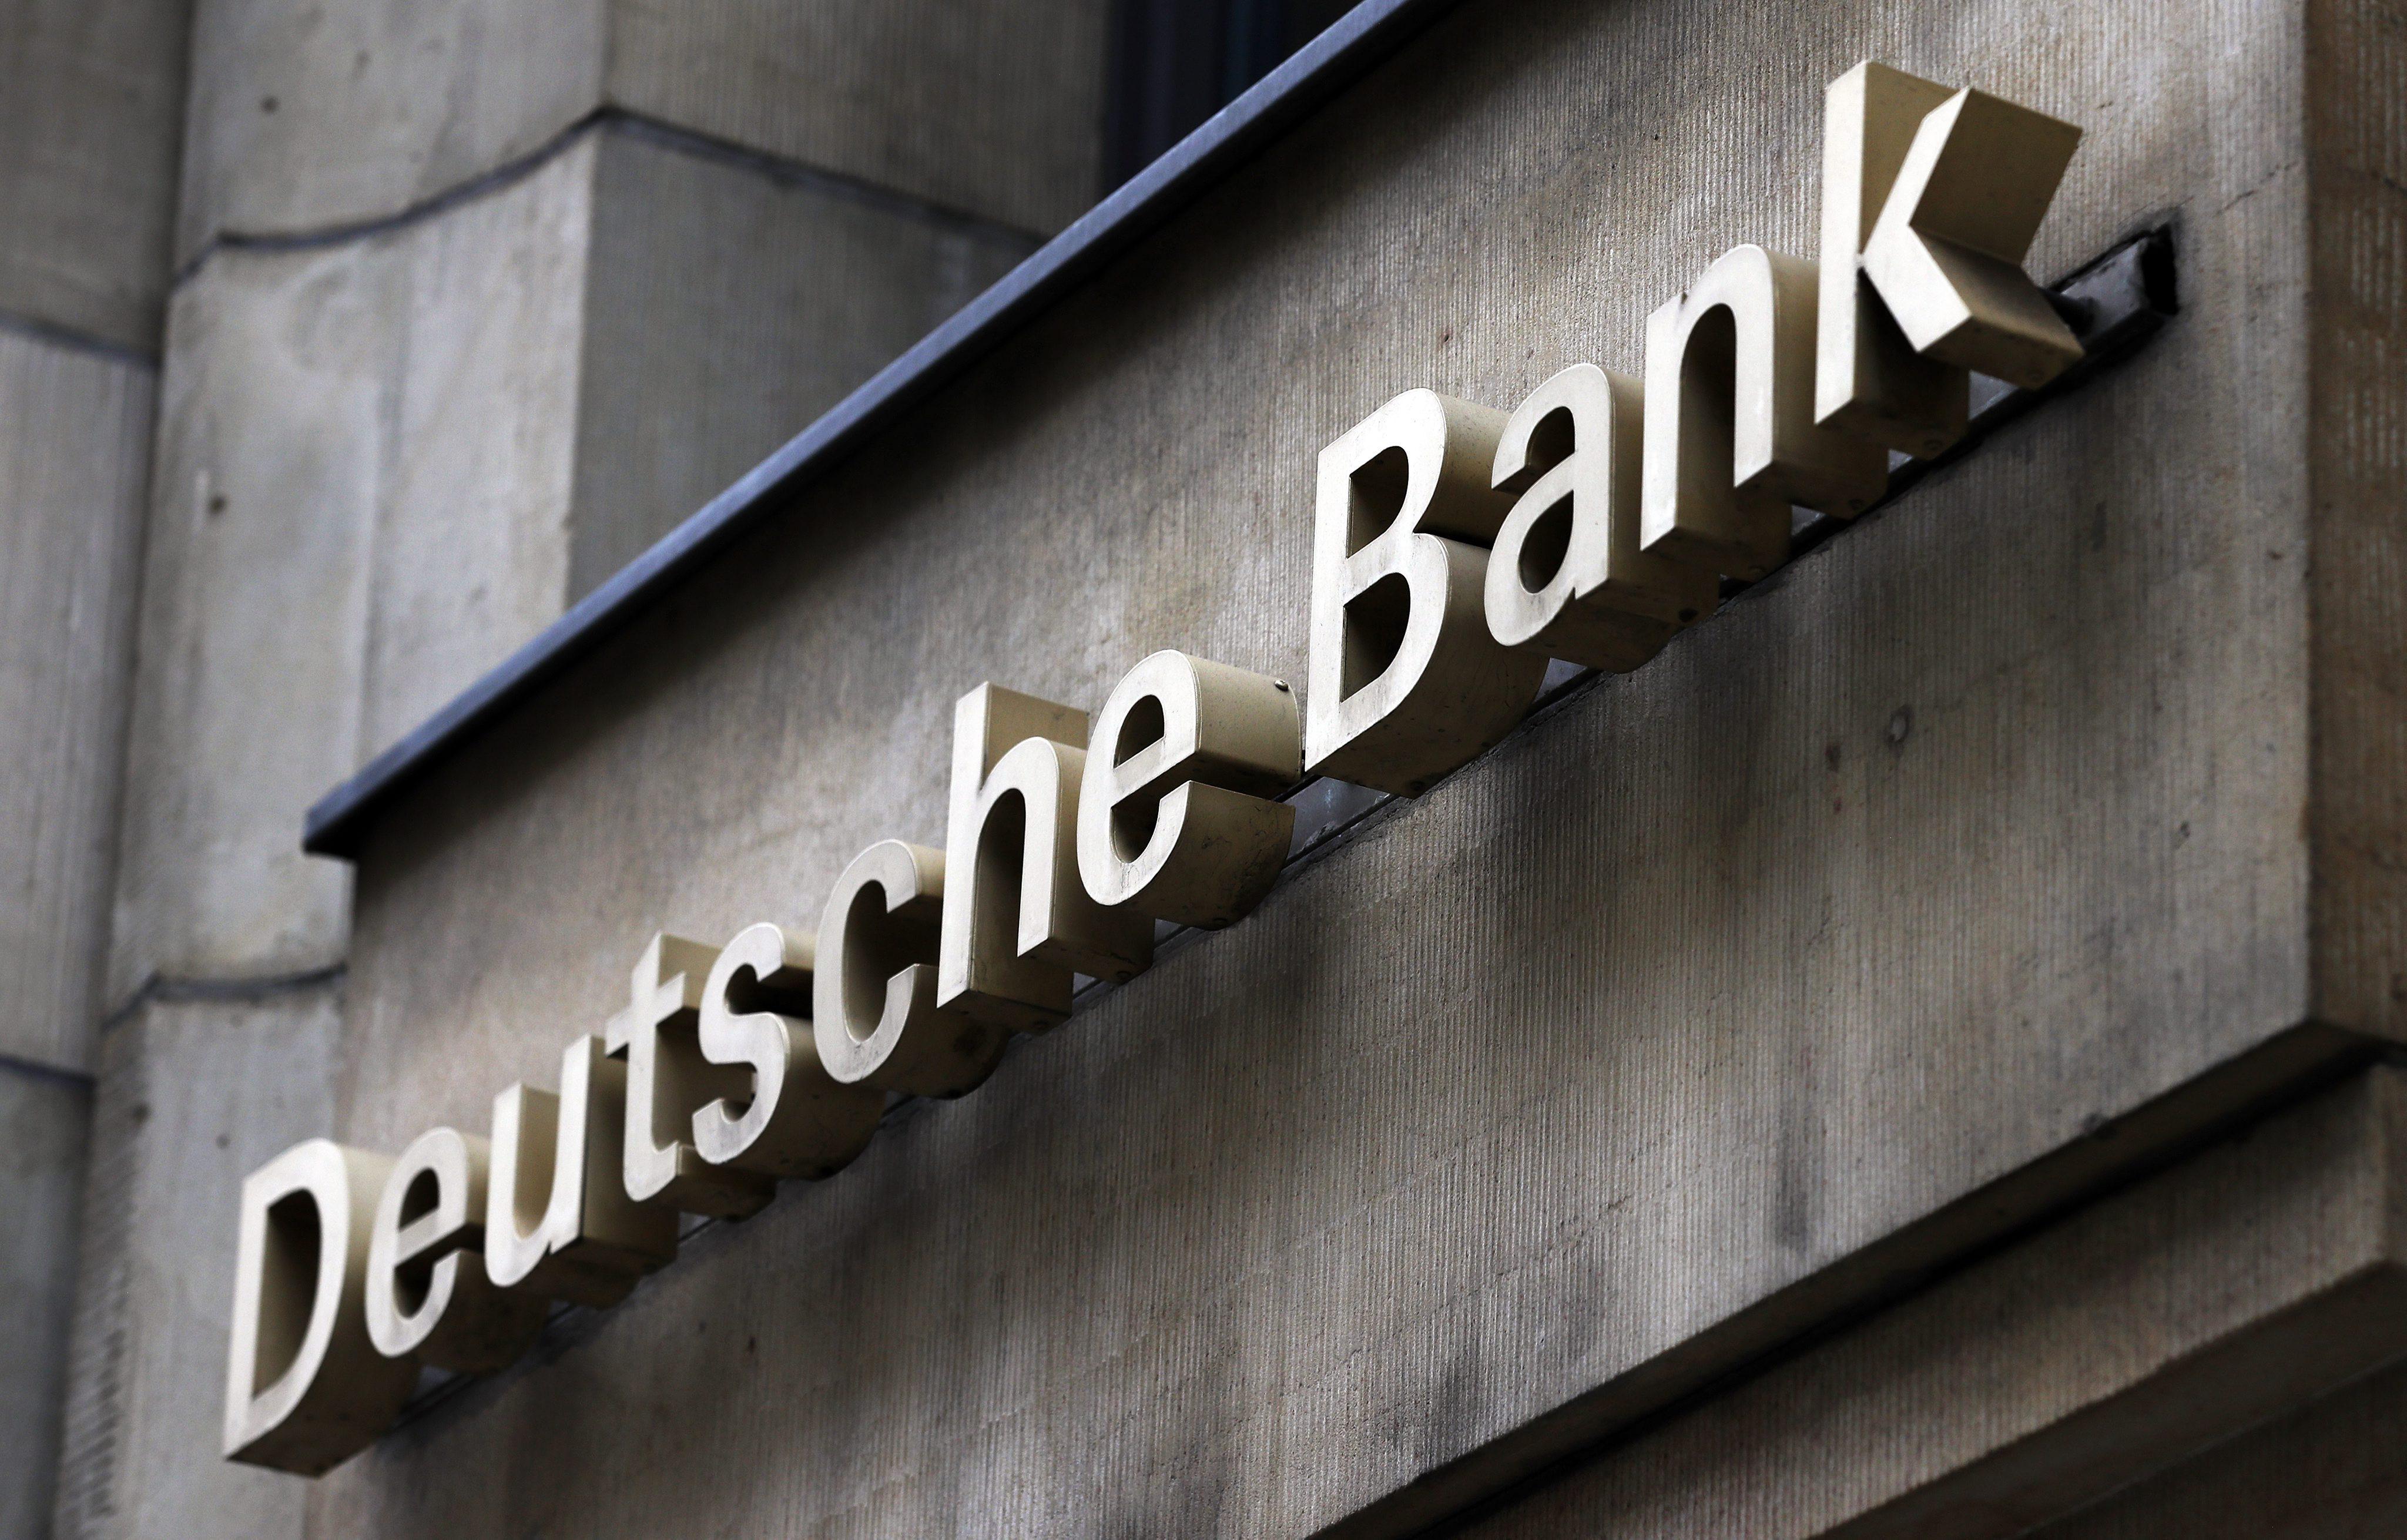 Σε αύξηση κεφαλαίου και διοικητική αναδιάρθρωση προχωρεί η Deutsche Bank | tovima.gr